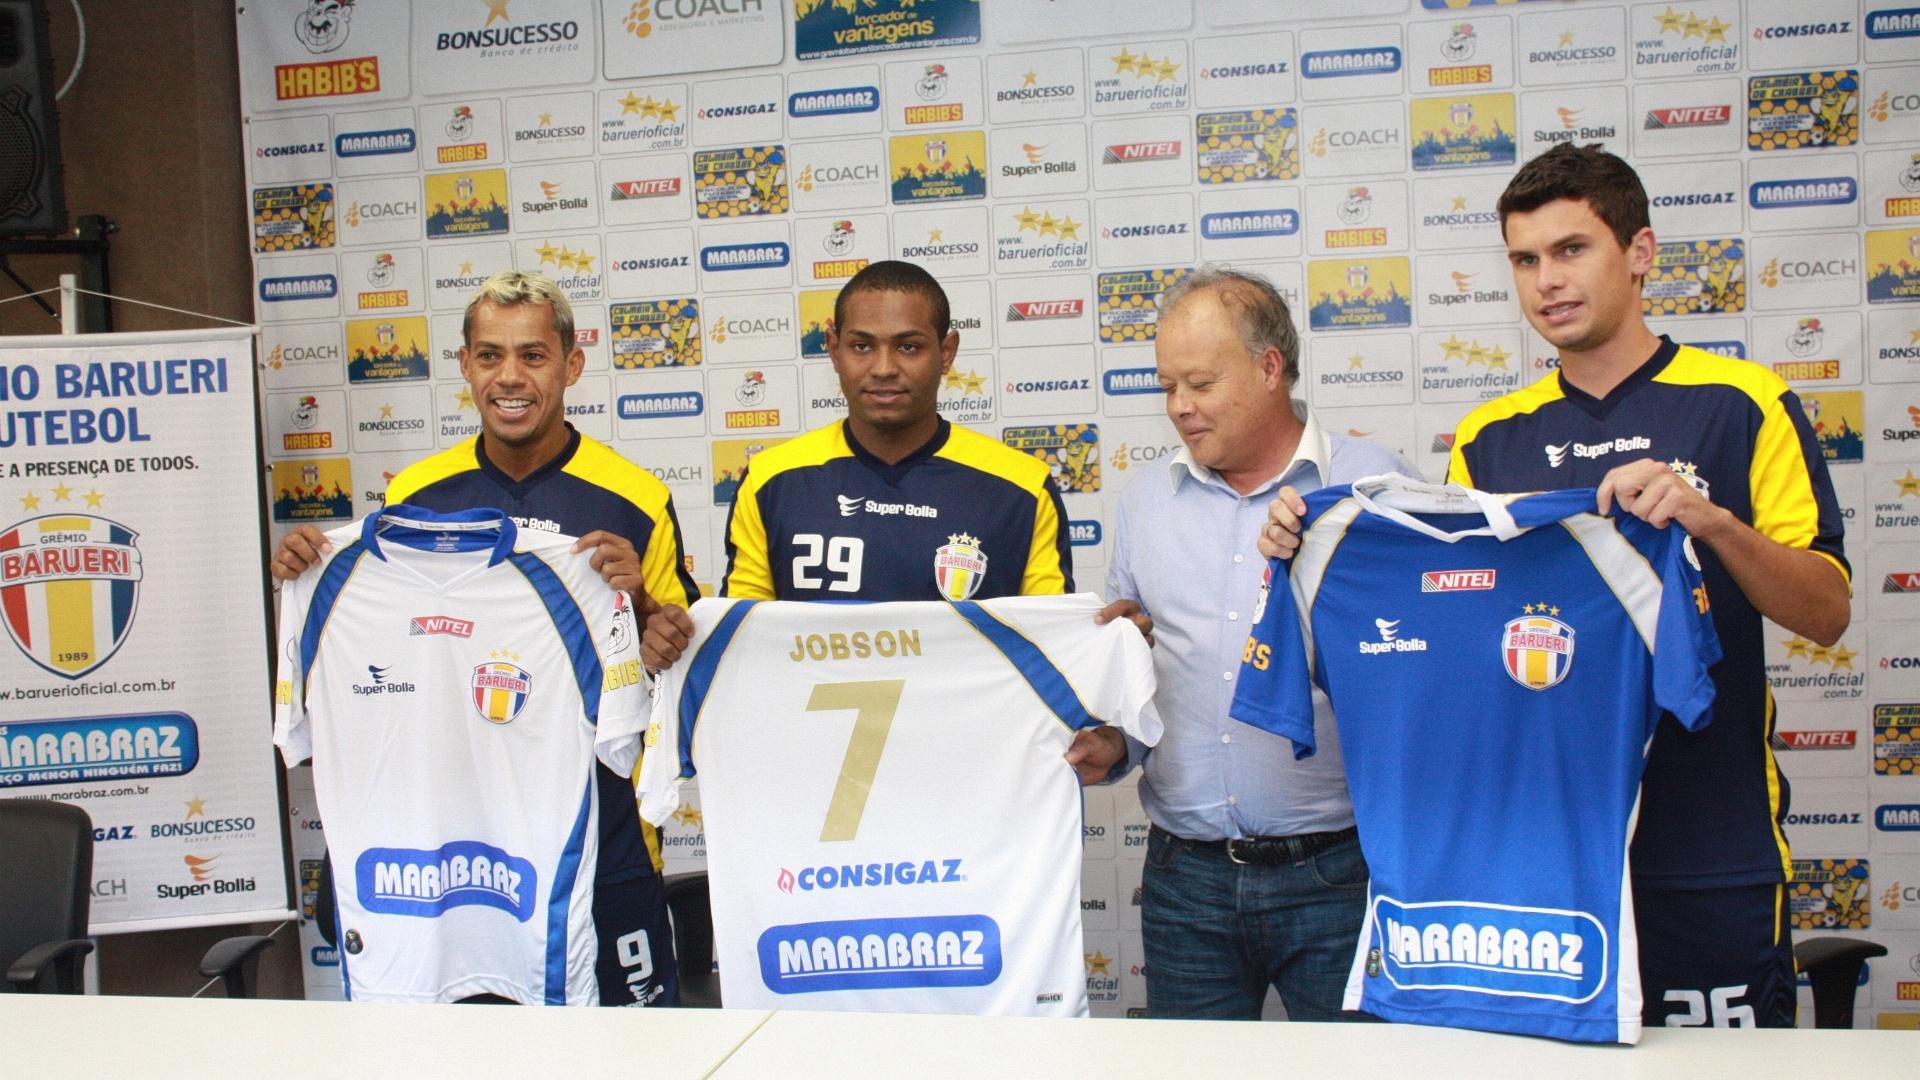 Jóbson segura a camisa 7 do Grêmio Barueri ao lado do presidente Domingos Brito, do atacante Marcelinho Paraíba e do meia Rafael Chorão